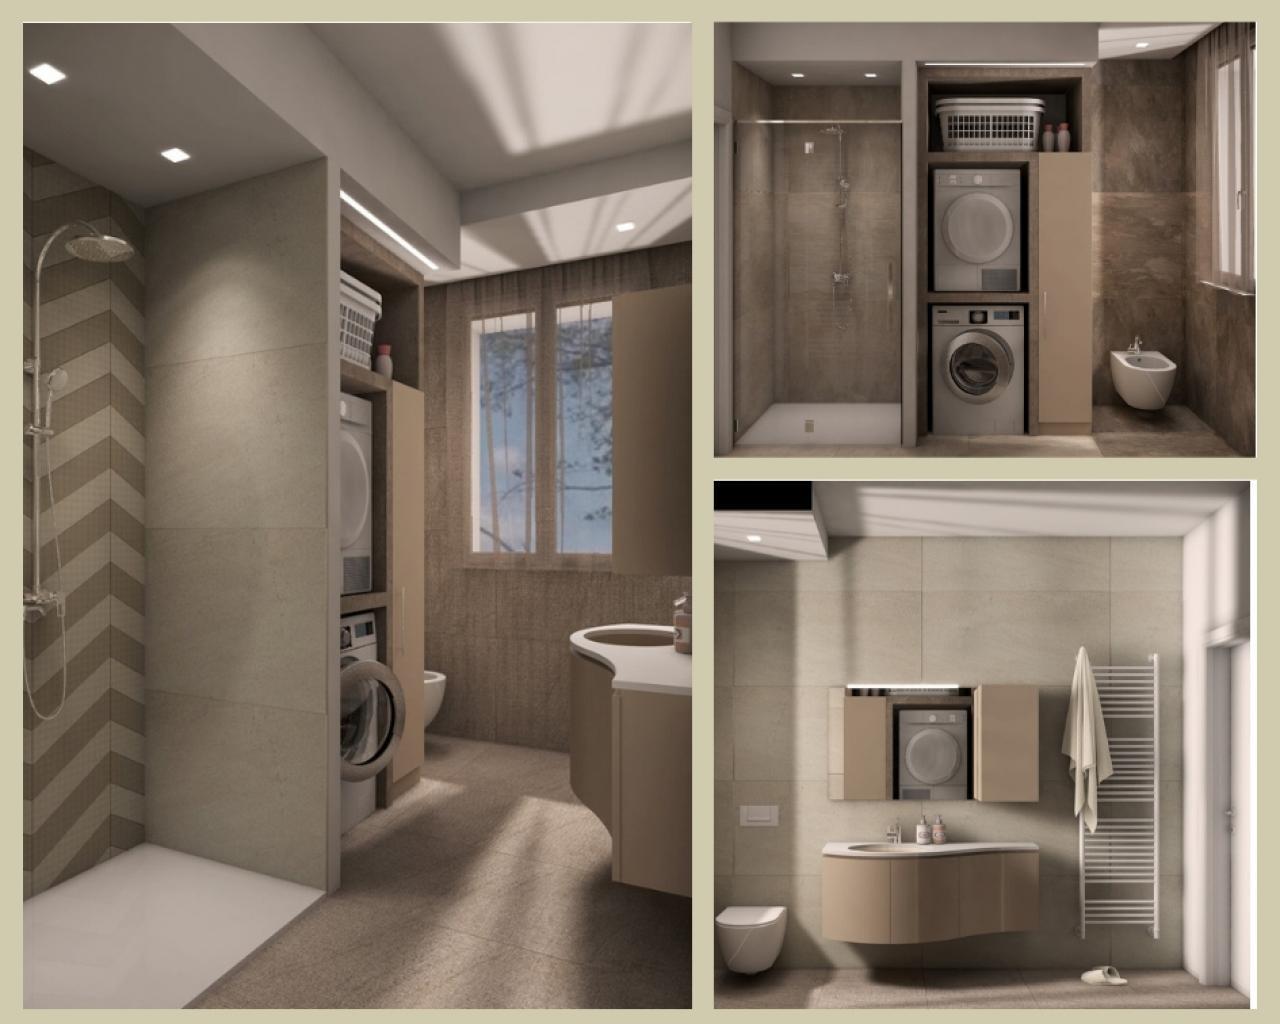 Mobile Bagno Con Colonna Lavatrice bagno lavanderia moderno | fratelli pellizzari